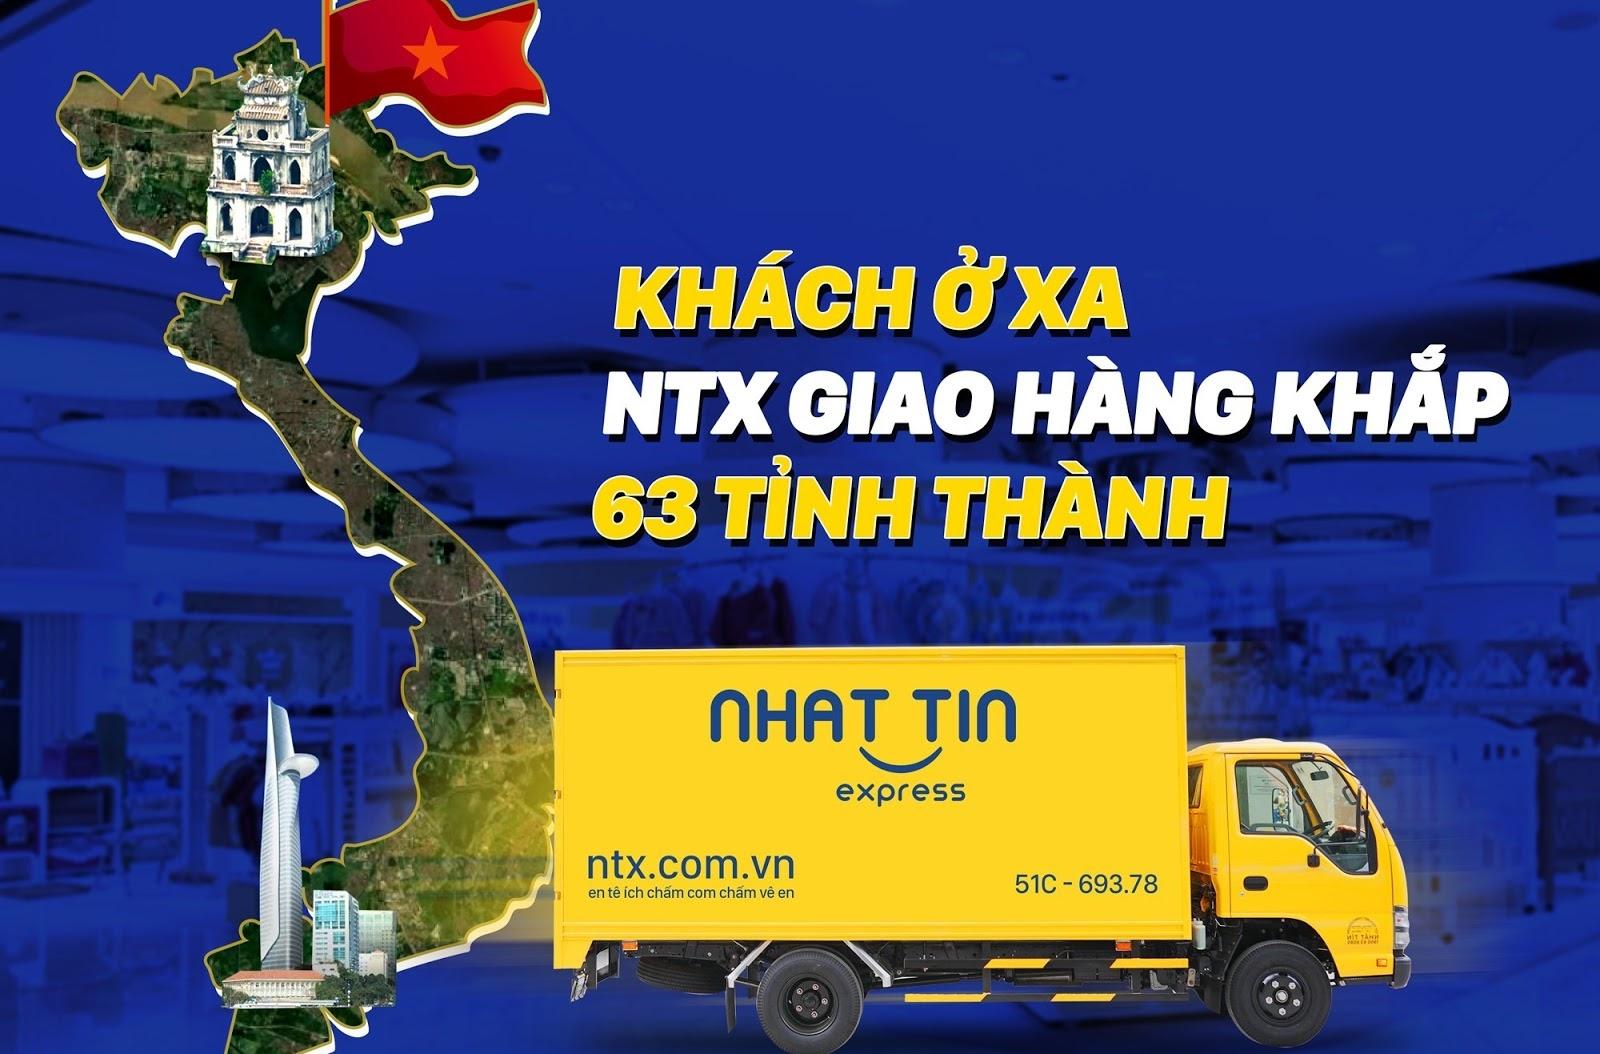 NTX - Nhất Tín Express đơn vị có ứng dụng ship hàng tiện lợi